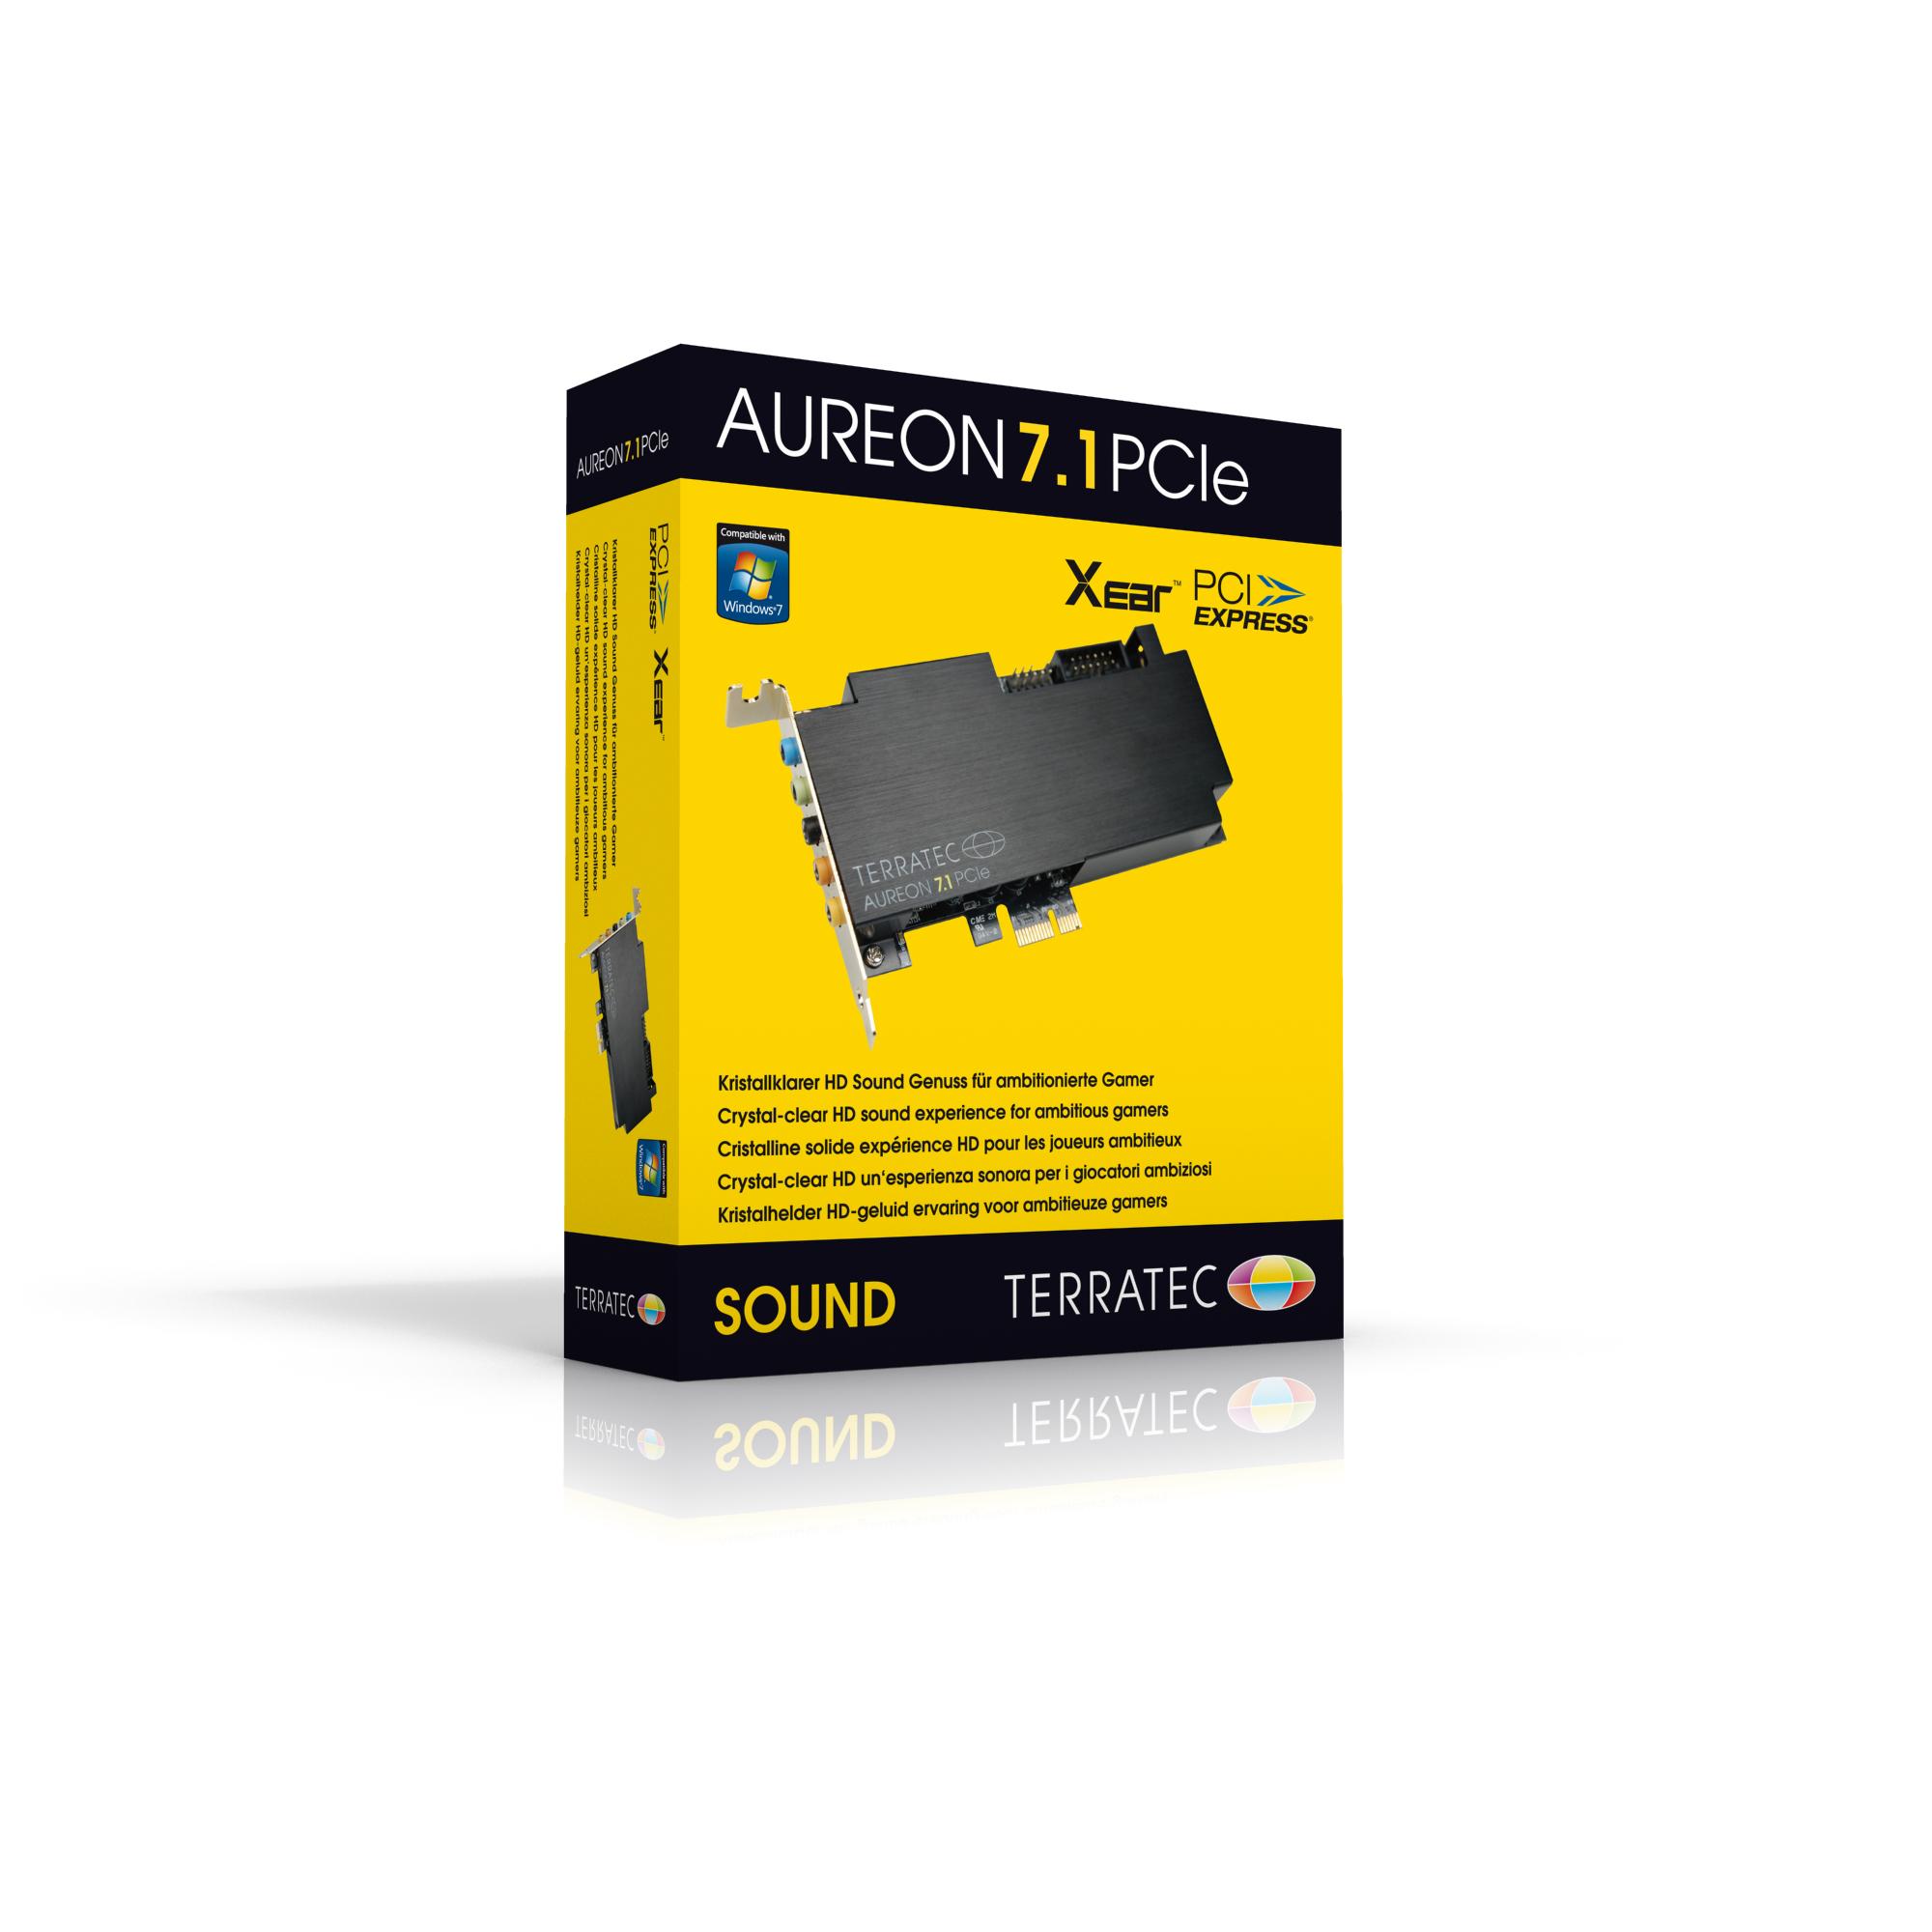 TERRATEC AUREON 7.1 PCIE SOUND CARD WINDOWS 10 DRIVER